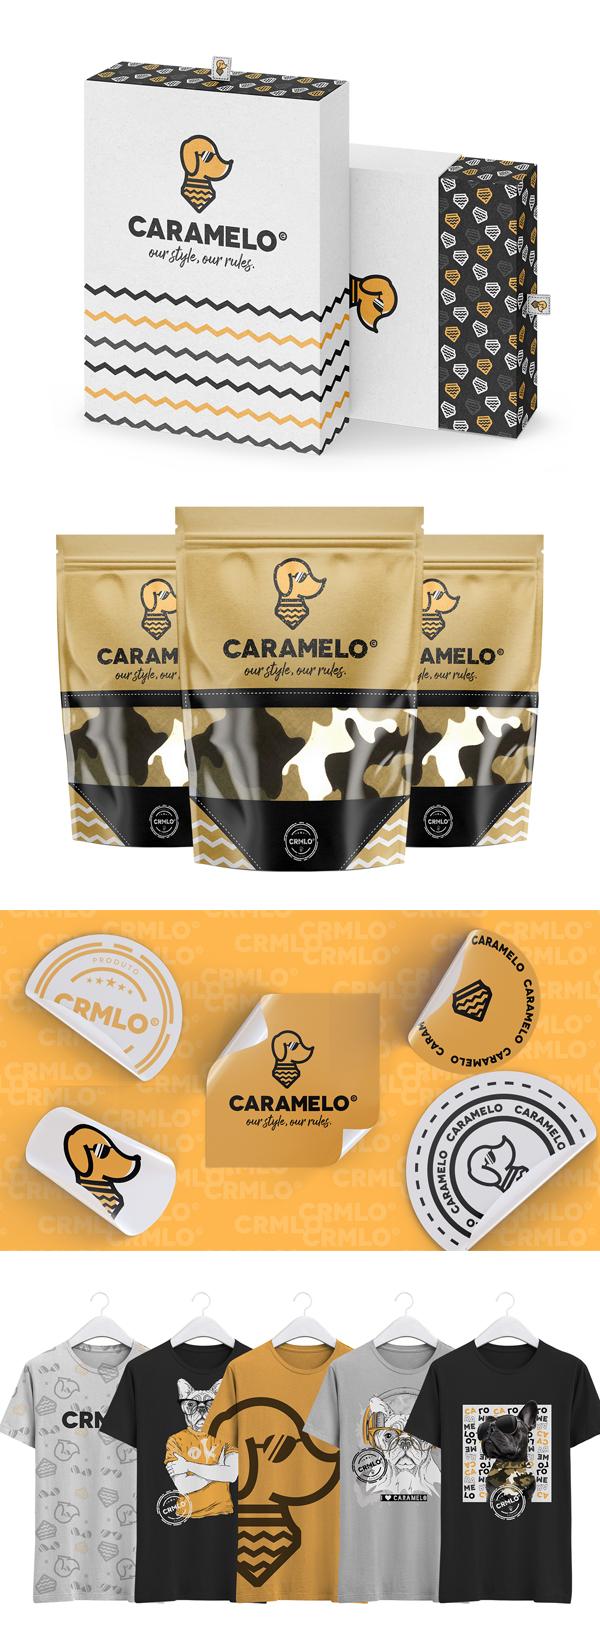 Stationery - Caramelo - Visual Identity by Mari